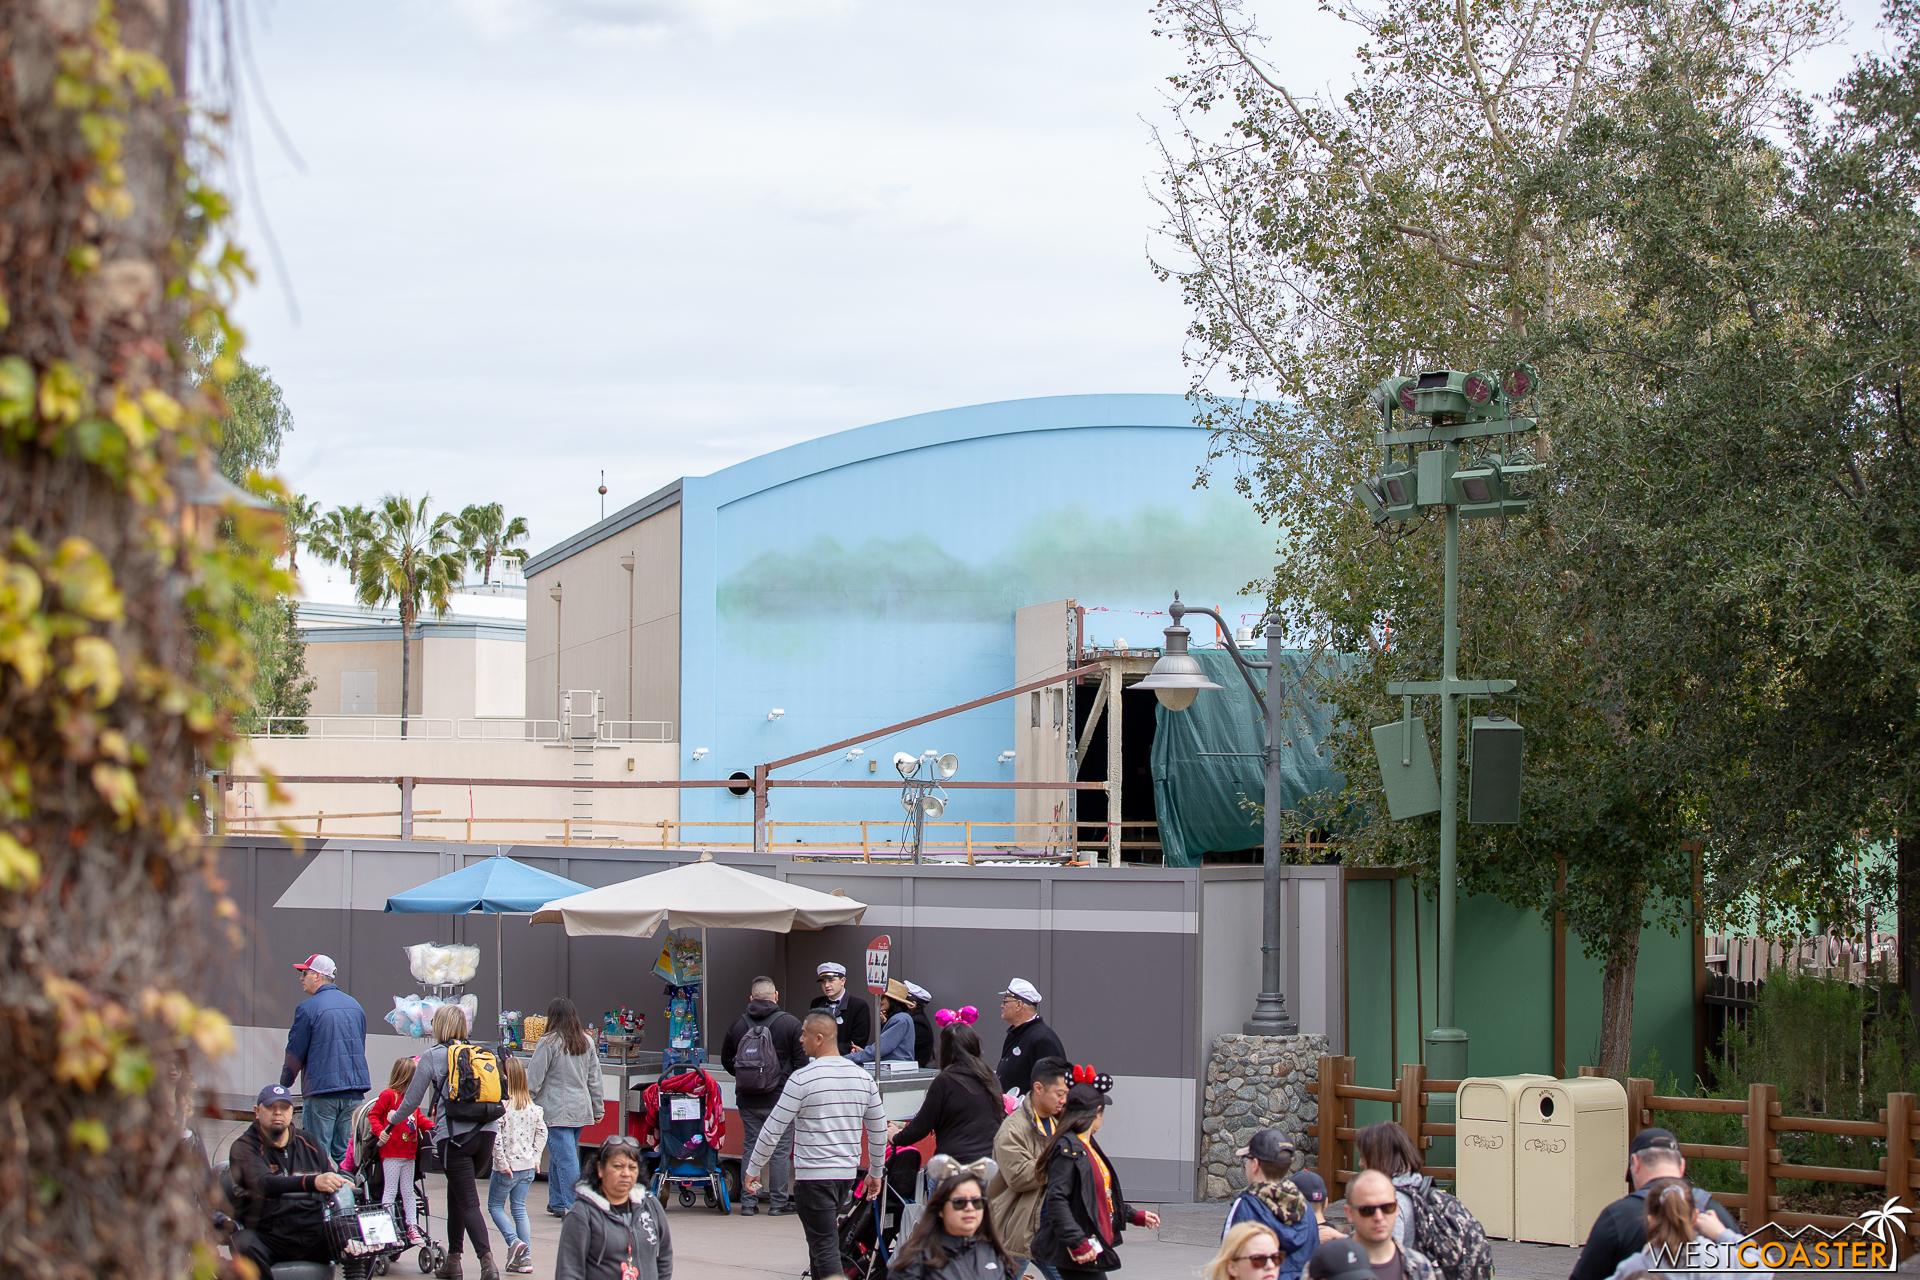 Westcoaster Disneyland Update 2-19-56.jpg